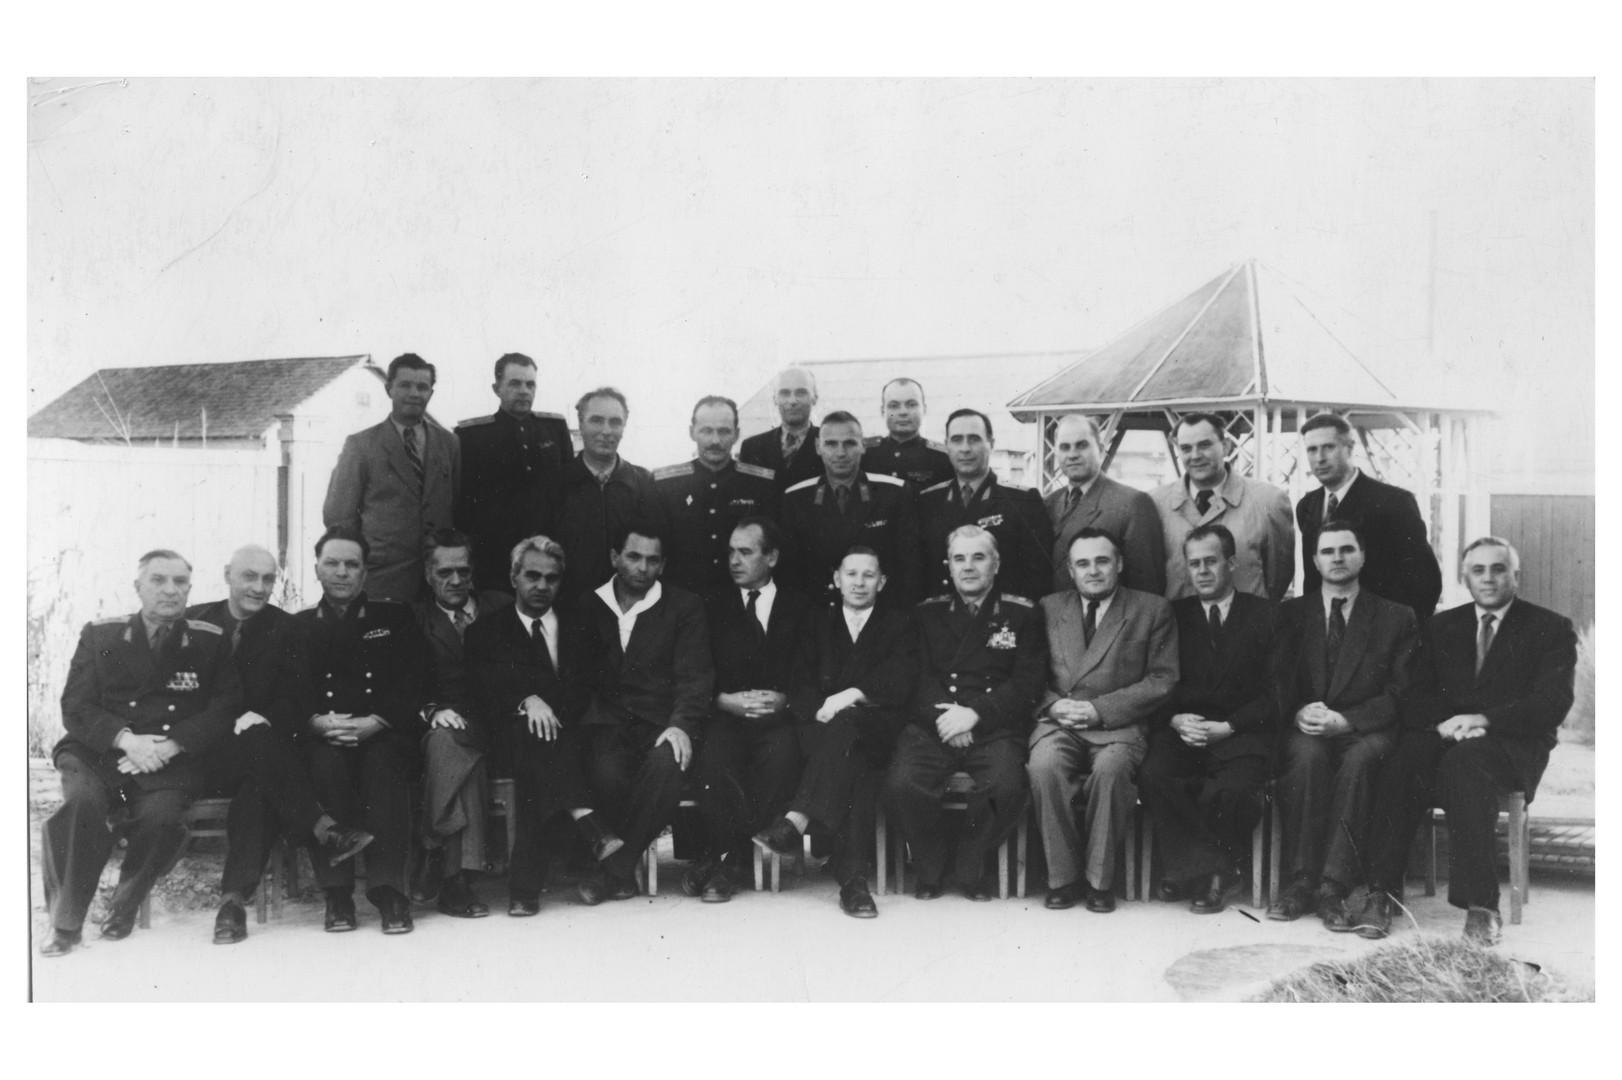 Комиссия по запуску первого искусственного спутника Земли. г. Байконур. 1957 г.